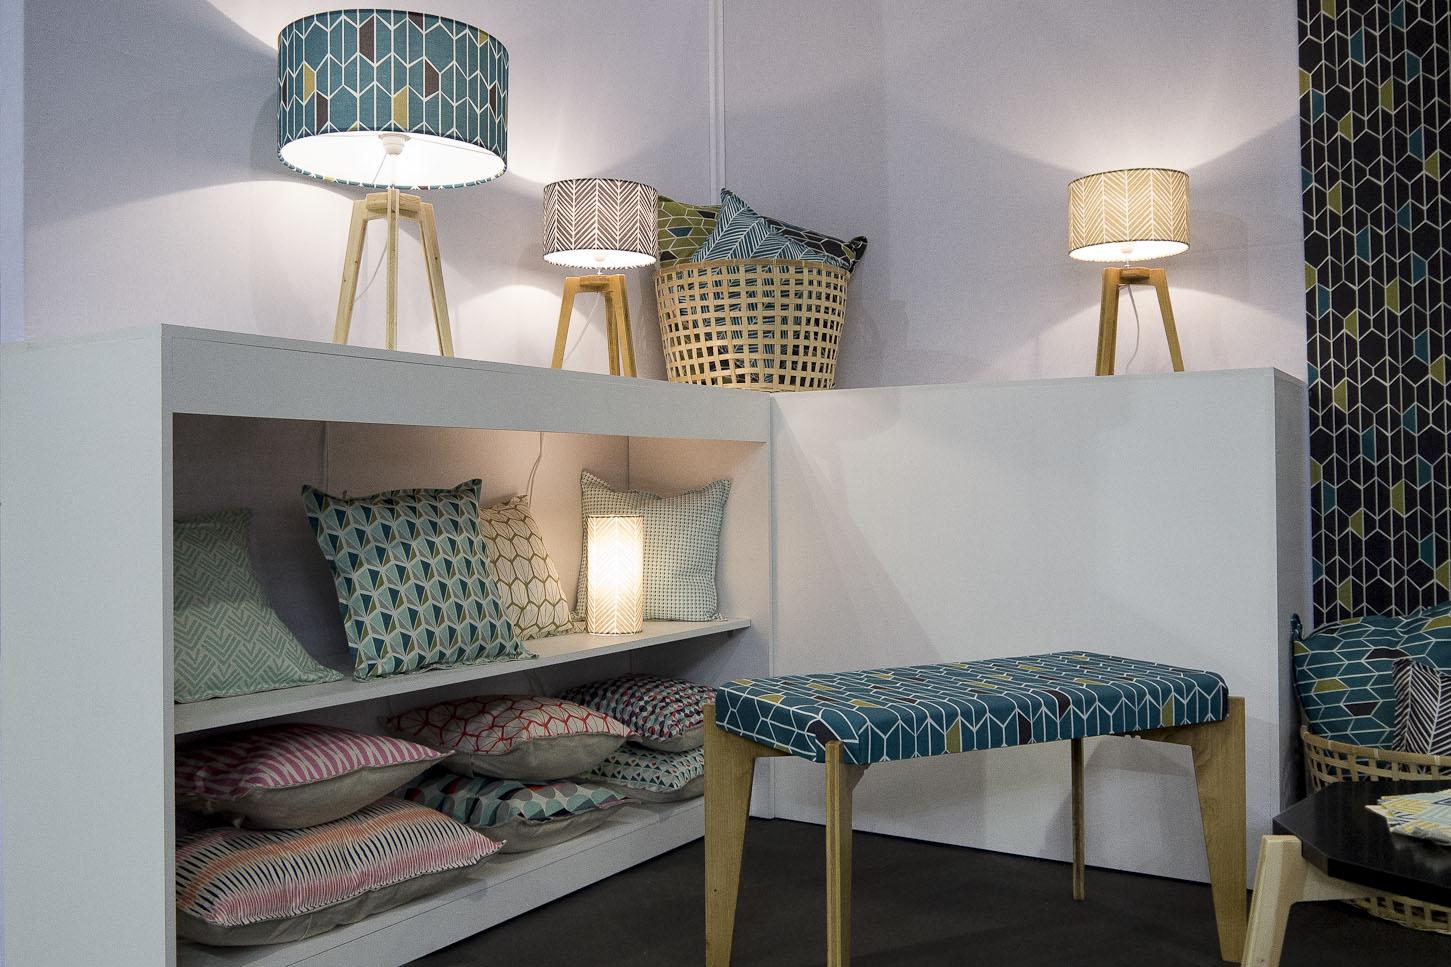 maison objet tendances et nouveaut s 2015 2016 en images. Black Bedroom Furniture Sets. Home Design Ideas